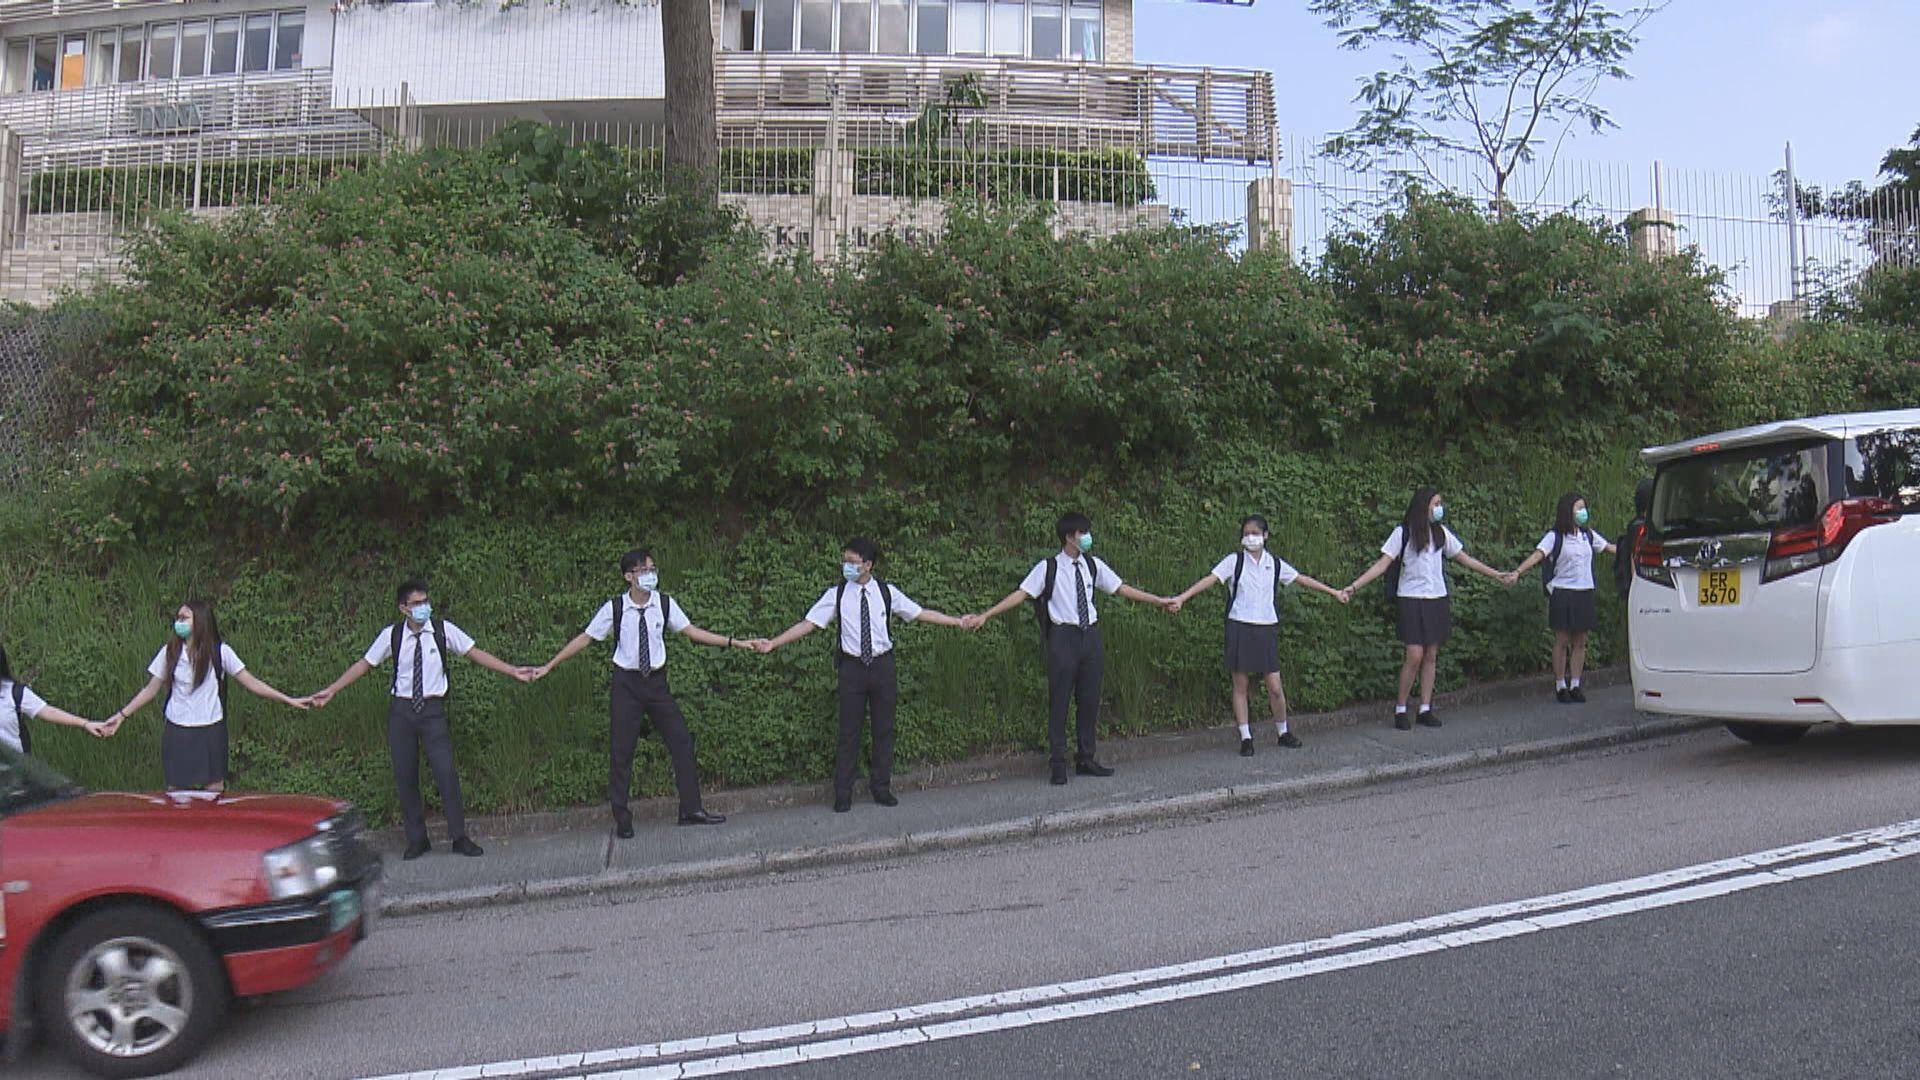 教育局:《願榮光歸香港》與違法事件有關校園應禁播